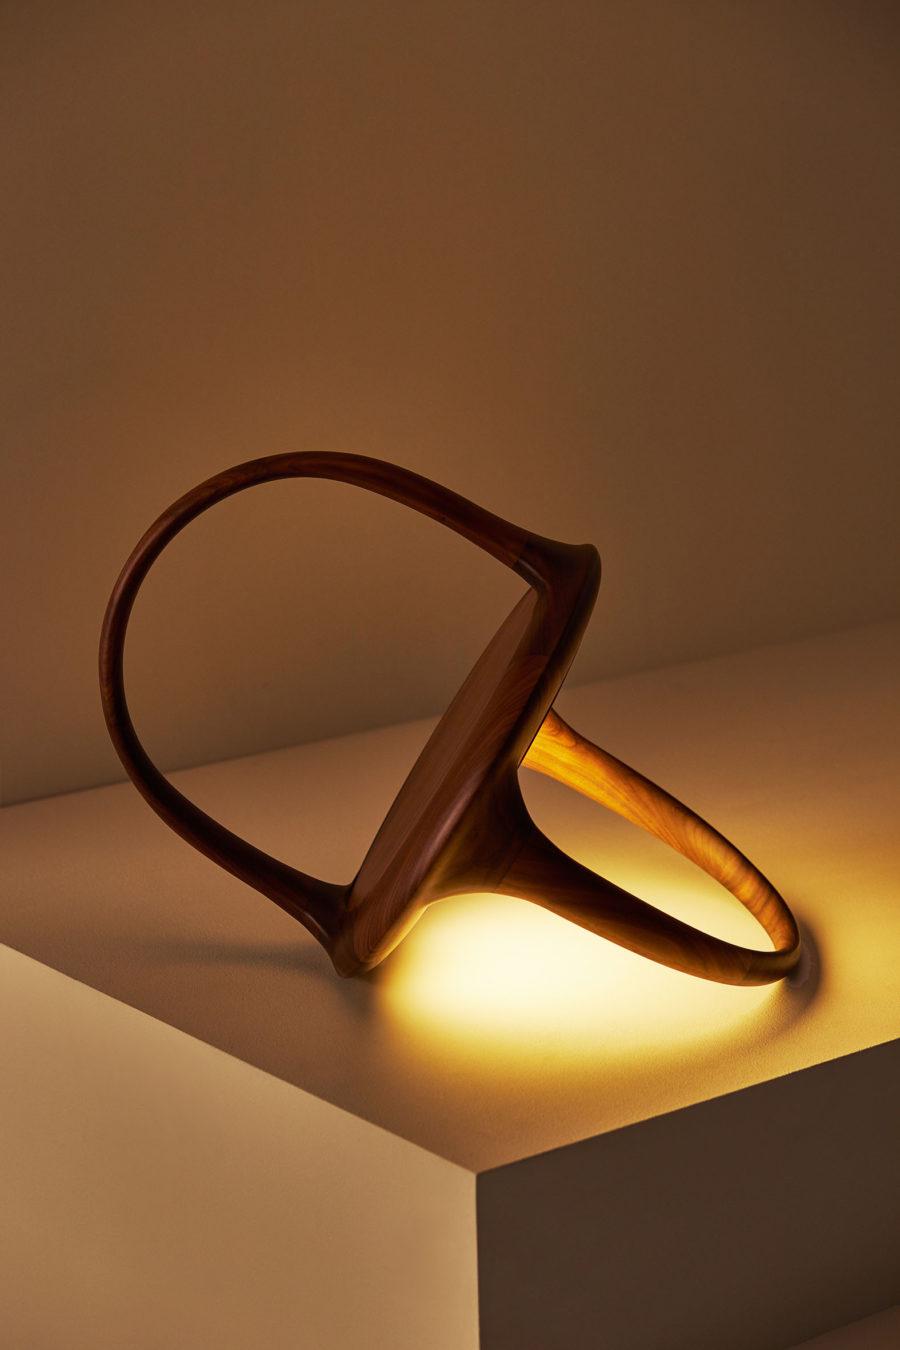 Astro Lamp Nomon Home Escultura 4